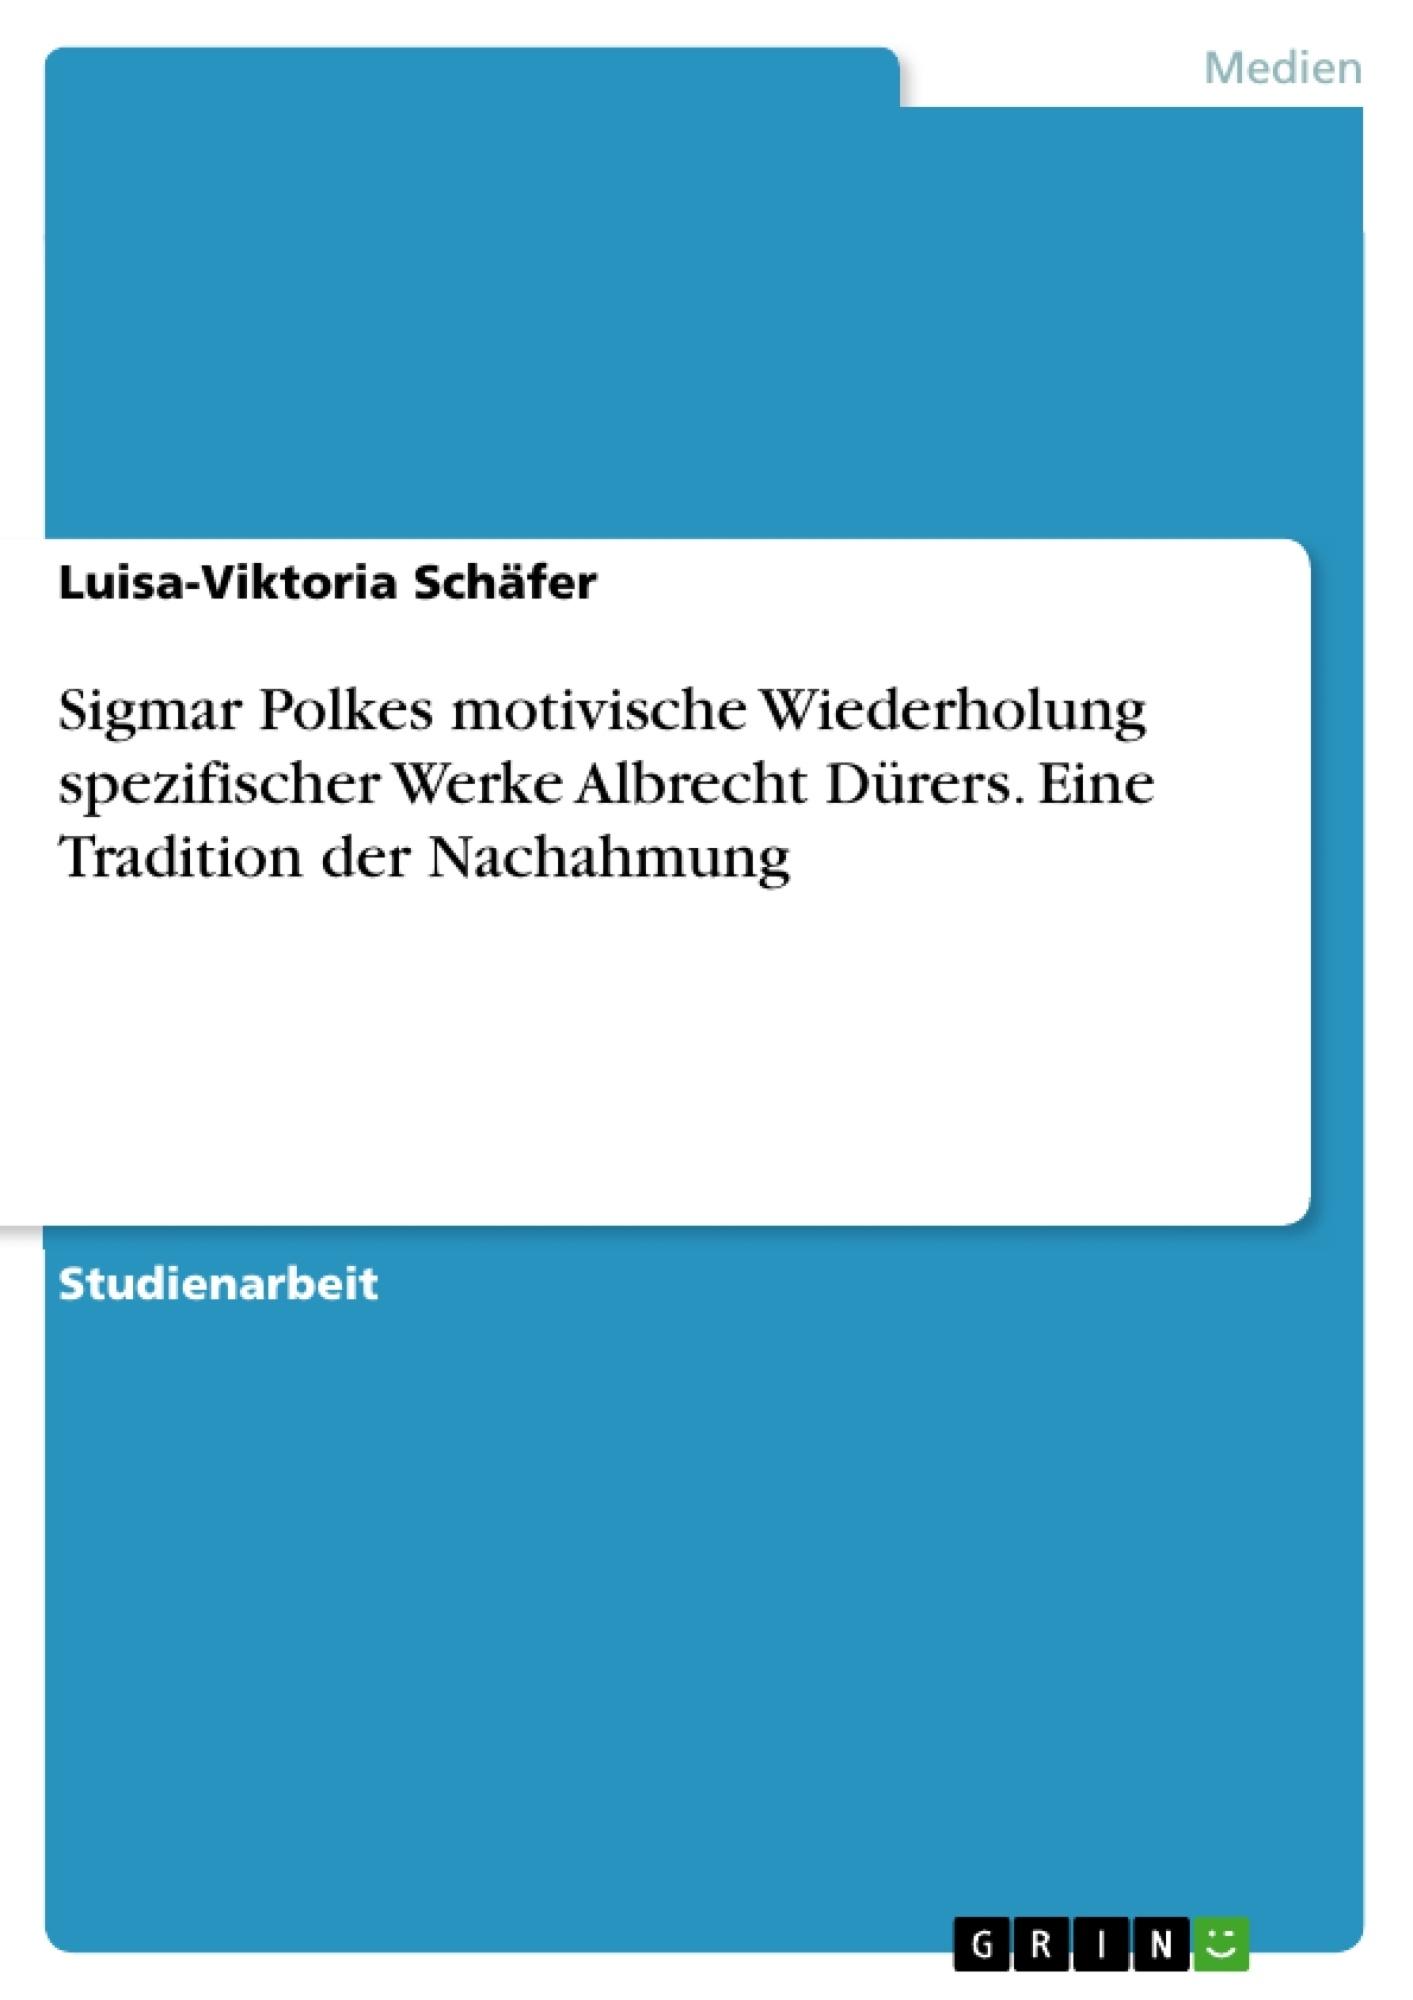 Titel: Sigmar Polkes motivische Wiederholung spezifischer Werke Albrecht Dürers. Eine Tradition der Nachahmung